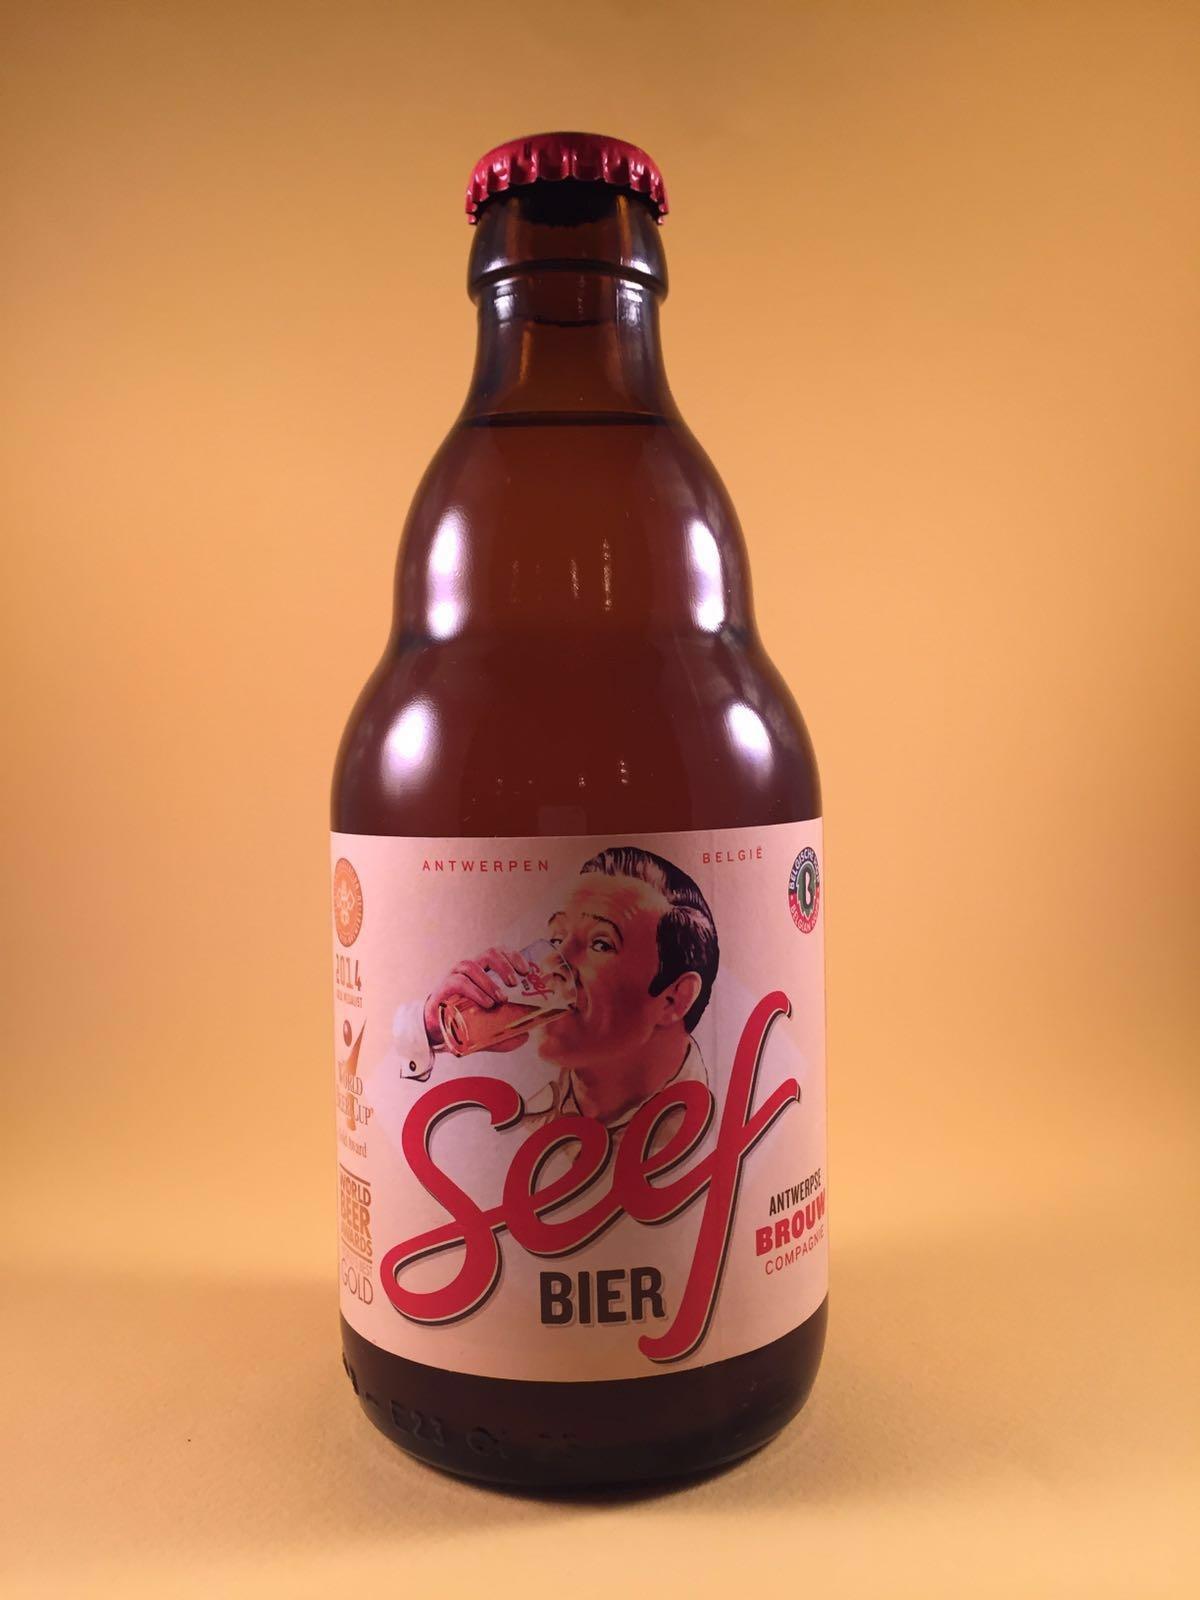 Seef Herkomst: Antwerpen, België Dit bier is een heerlijke dorstlesser met vrij neutrale smaken. Seefbier is bijna een eeuw lang niet gebrouwen nadat het verdwenen was tijdens WO I. Na terugkomst heeft het meerdere prijzen gewonnen. Dit speciaalbier is niet onbekend maar zeer leuk om mee te koken. Na 3 flessen weet je niet meer wat je in de keuken doet. Het bier heeft een alcoholpercentage van 6,5%. Advies serveertemperatuur: 7 a 8 graden.